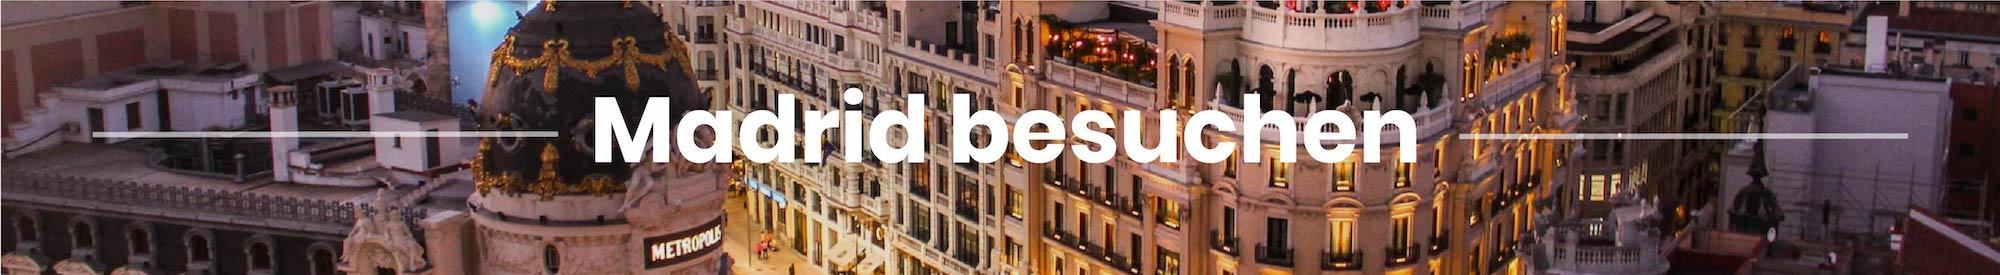 Madrid besuchen